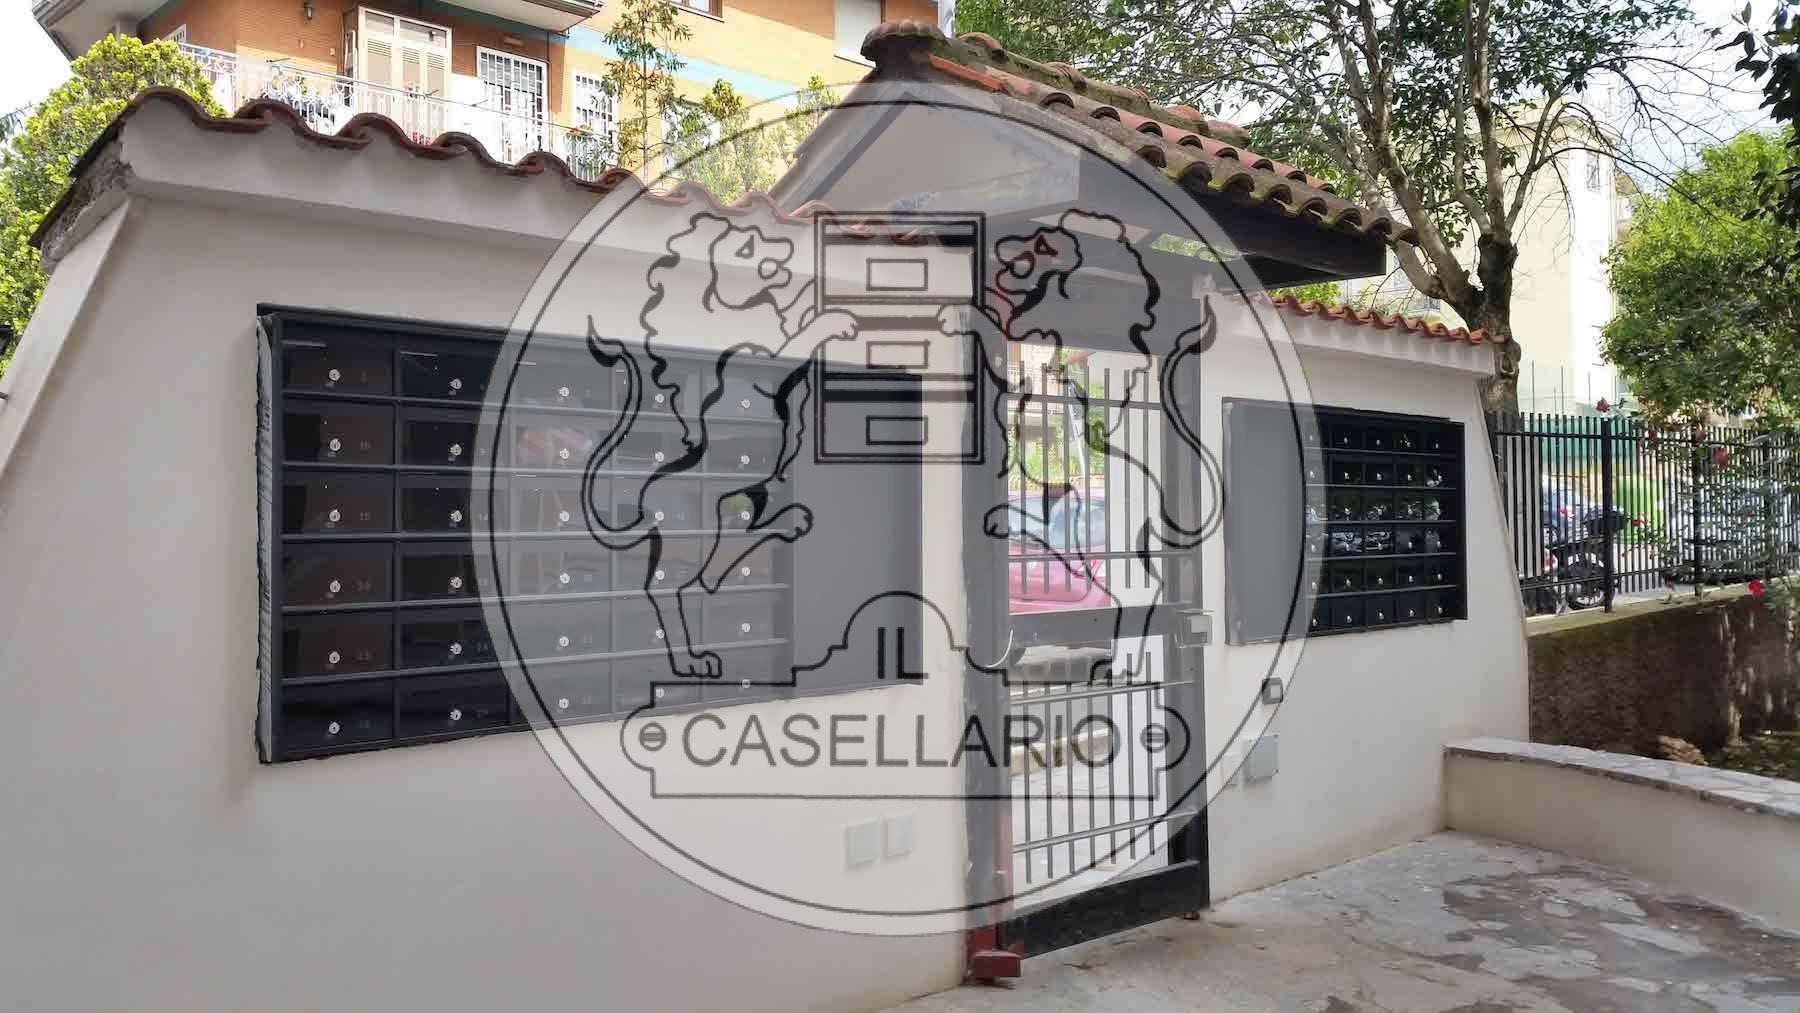 Casellari postali Il Casellario ACP Le Palme - Bacheche Serie E - Modello EDF550 - 6 - IL ...